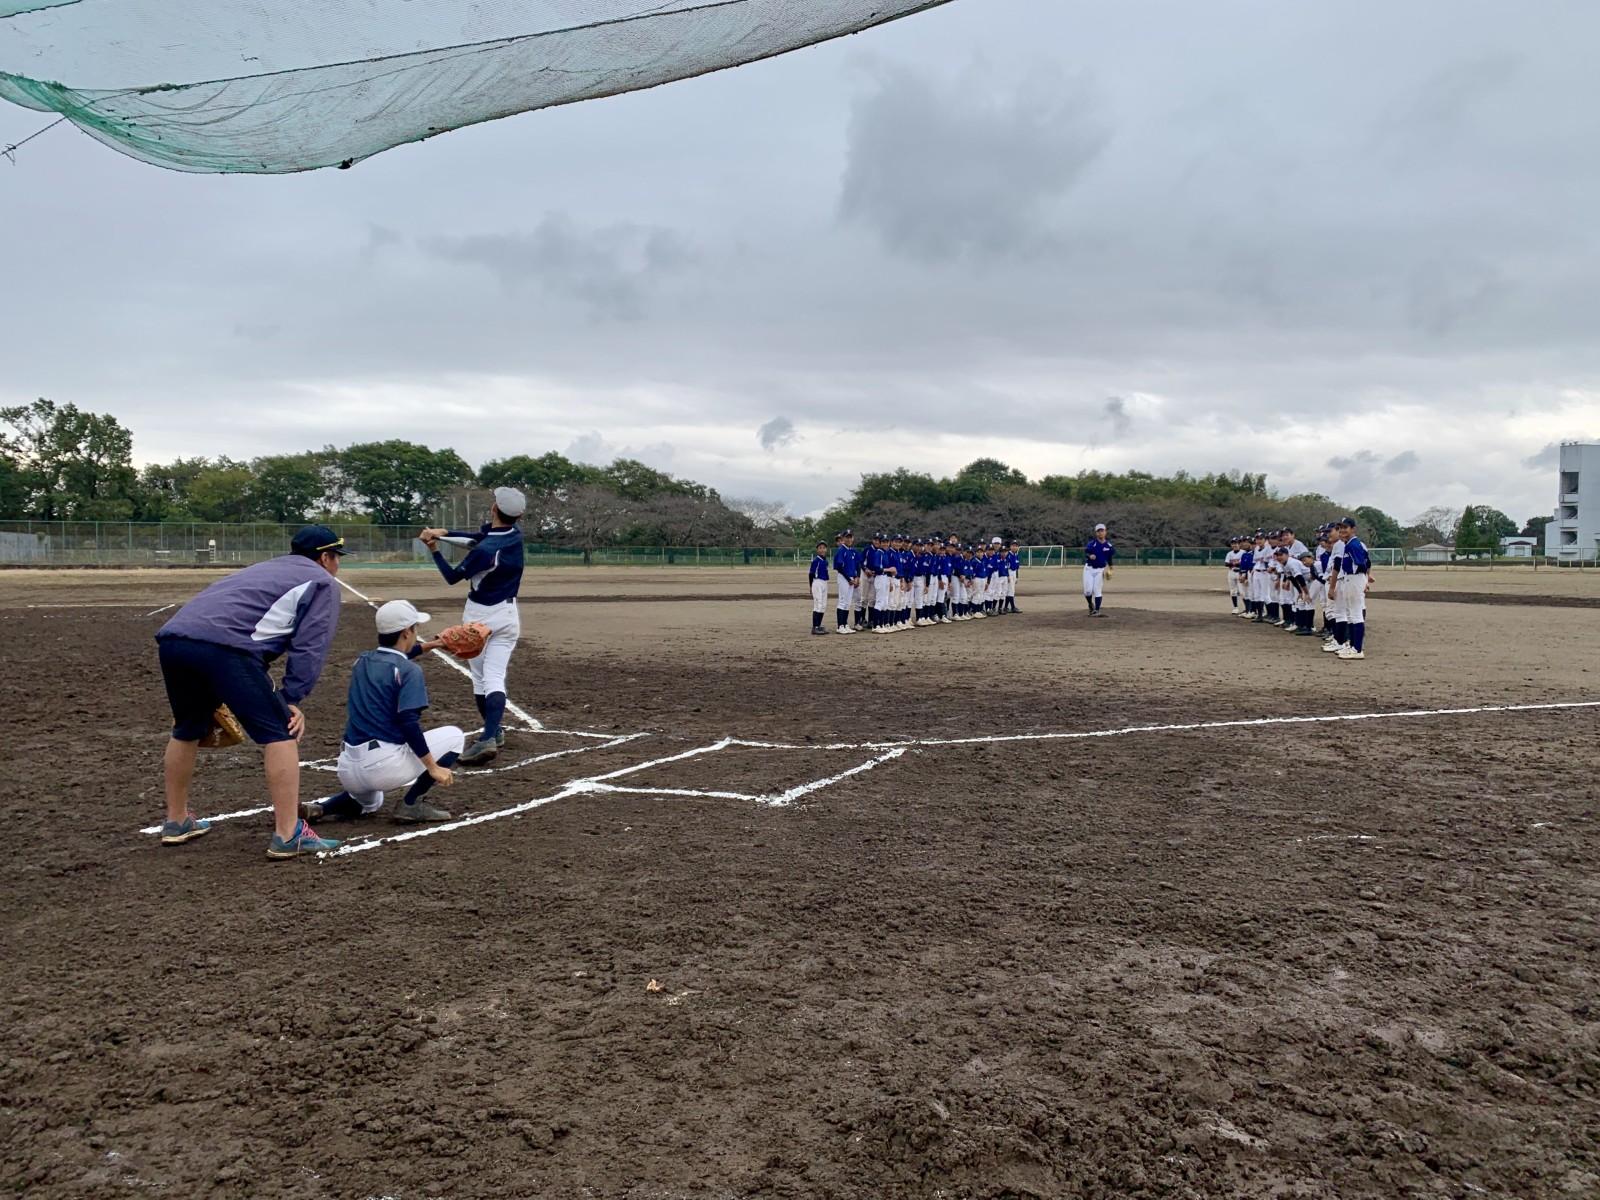 2019.10.06 育成リーグ戦2019秋 始球式